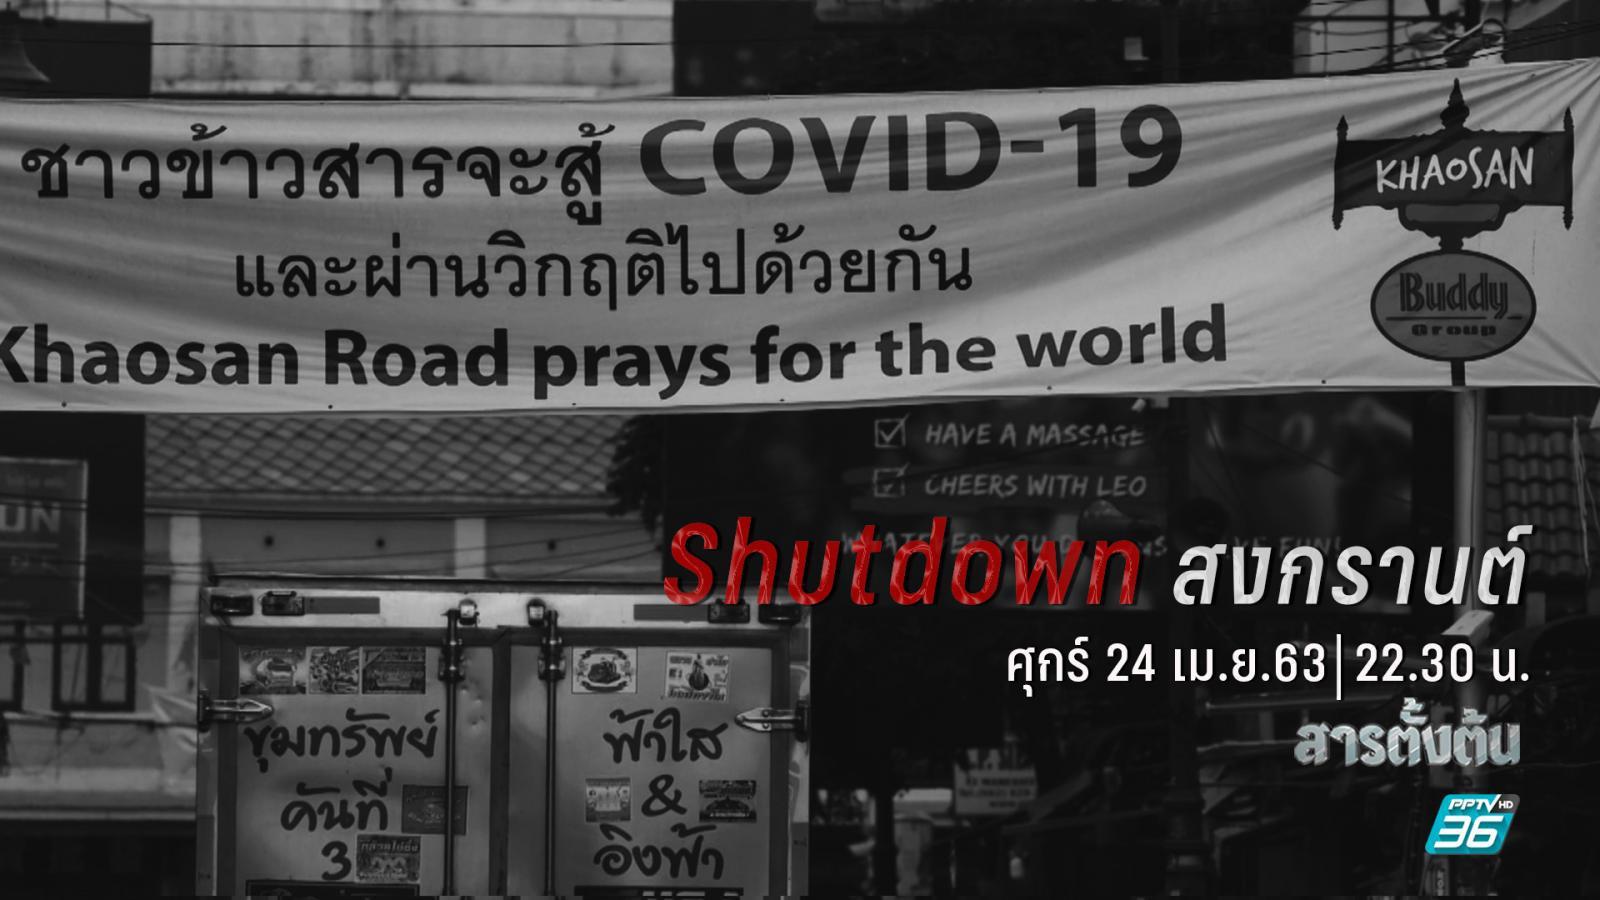 Shutdown สงกรานต์